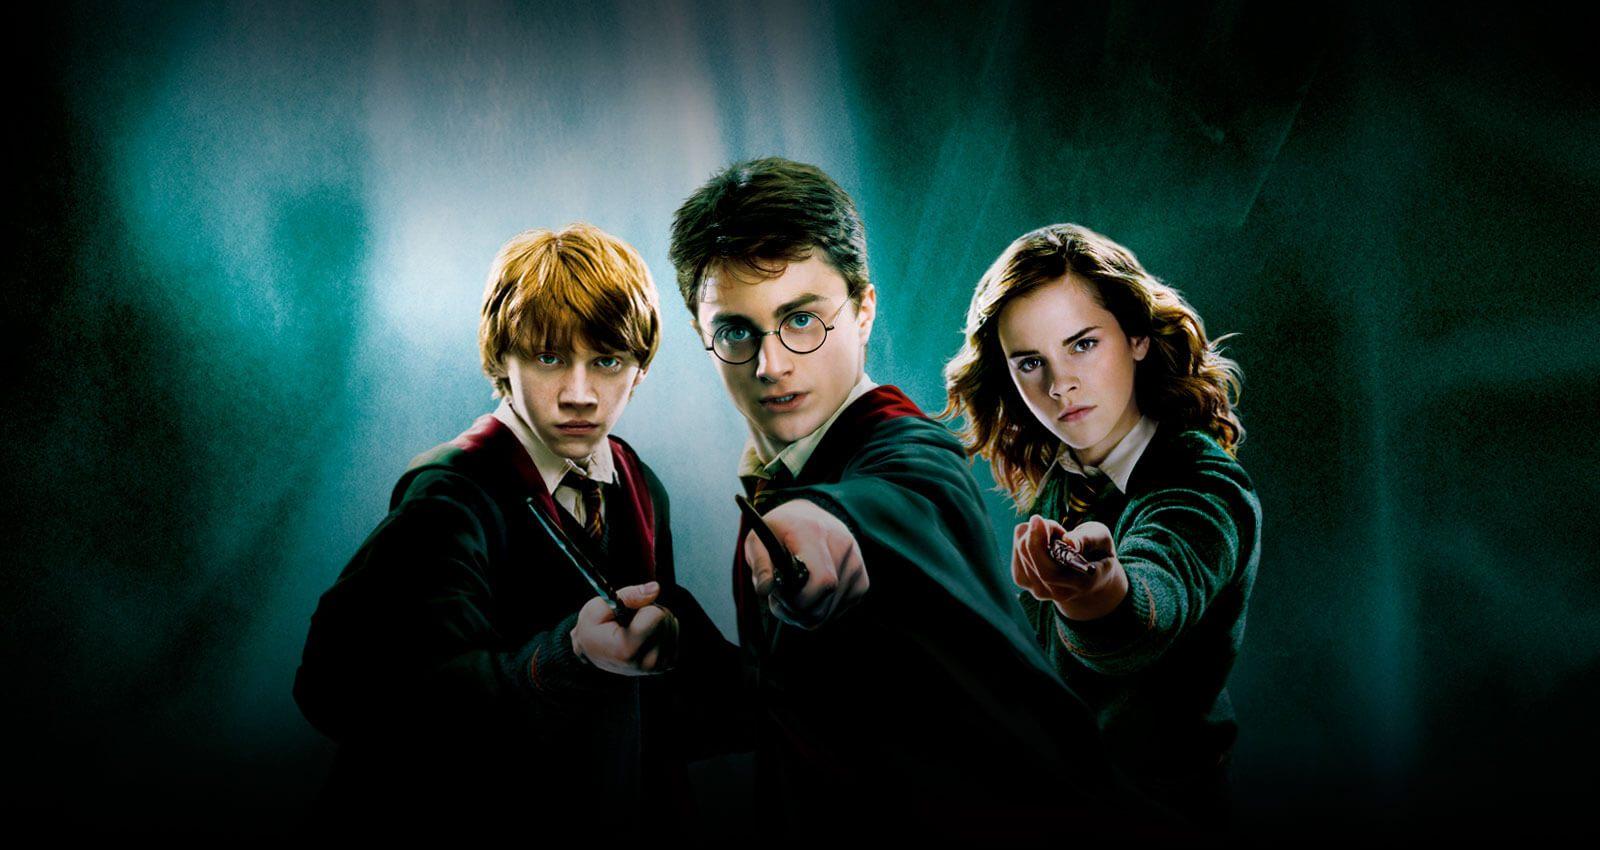 Слух: Игра в жанре RPG во вселенной Гарри Поттера выйдет в 2021 году